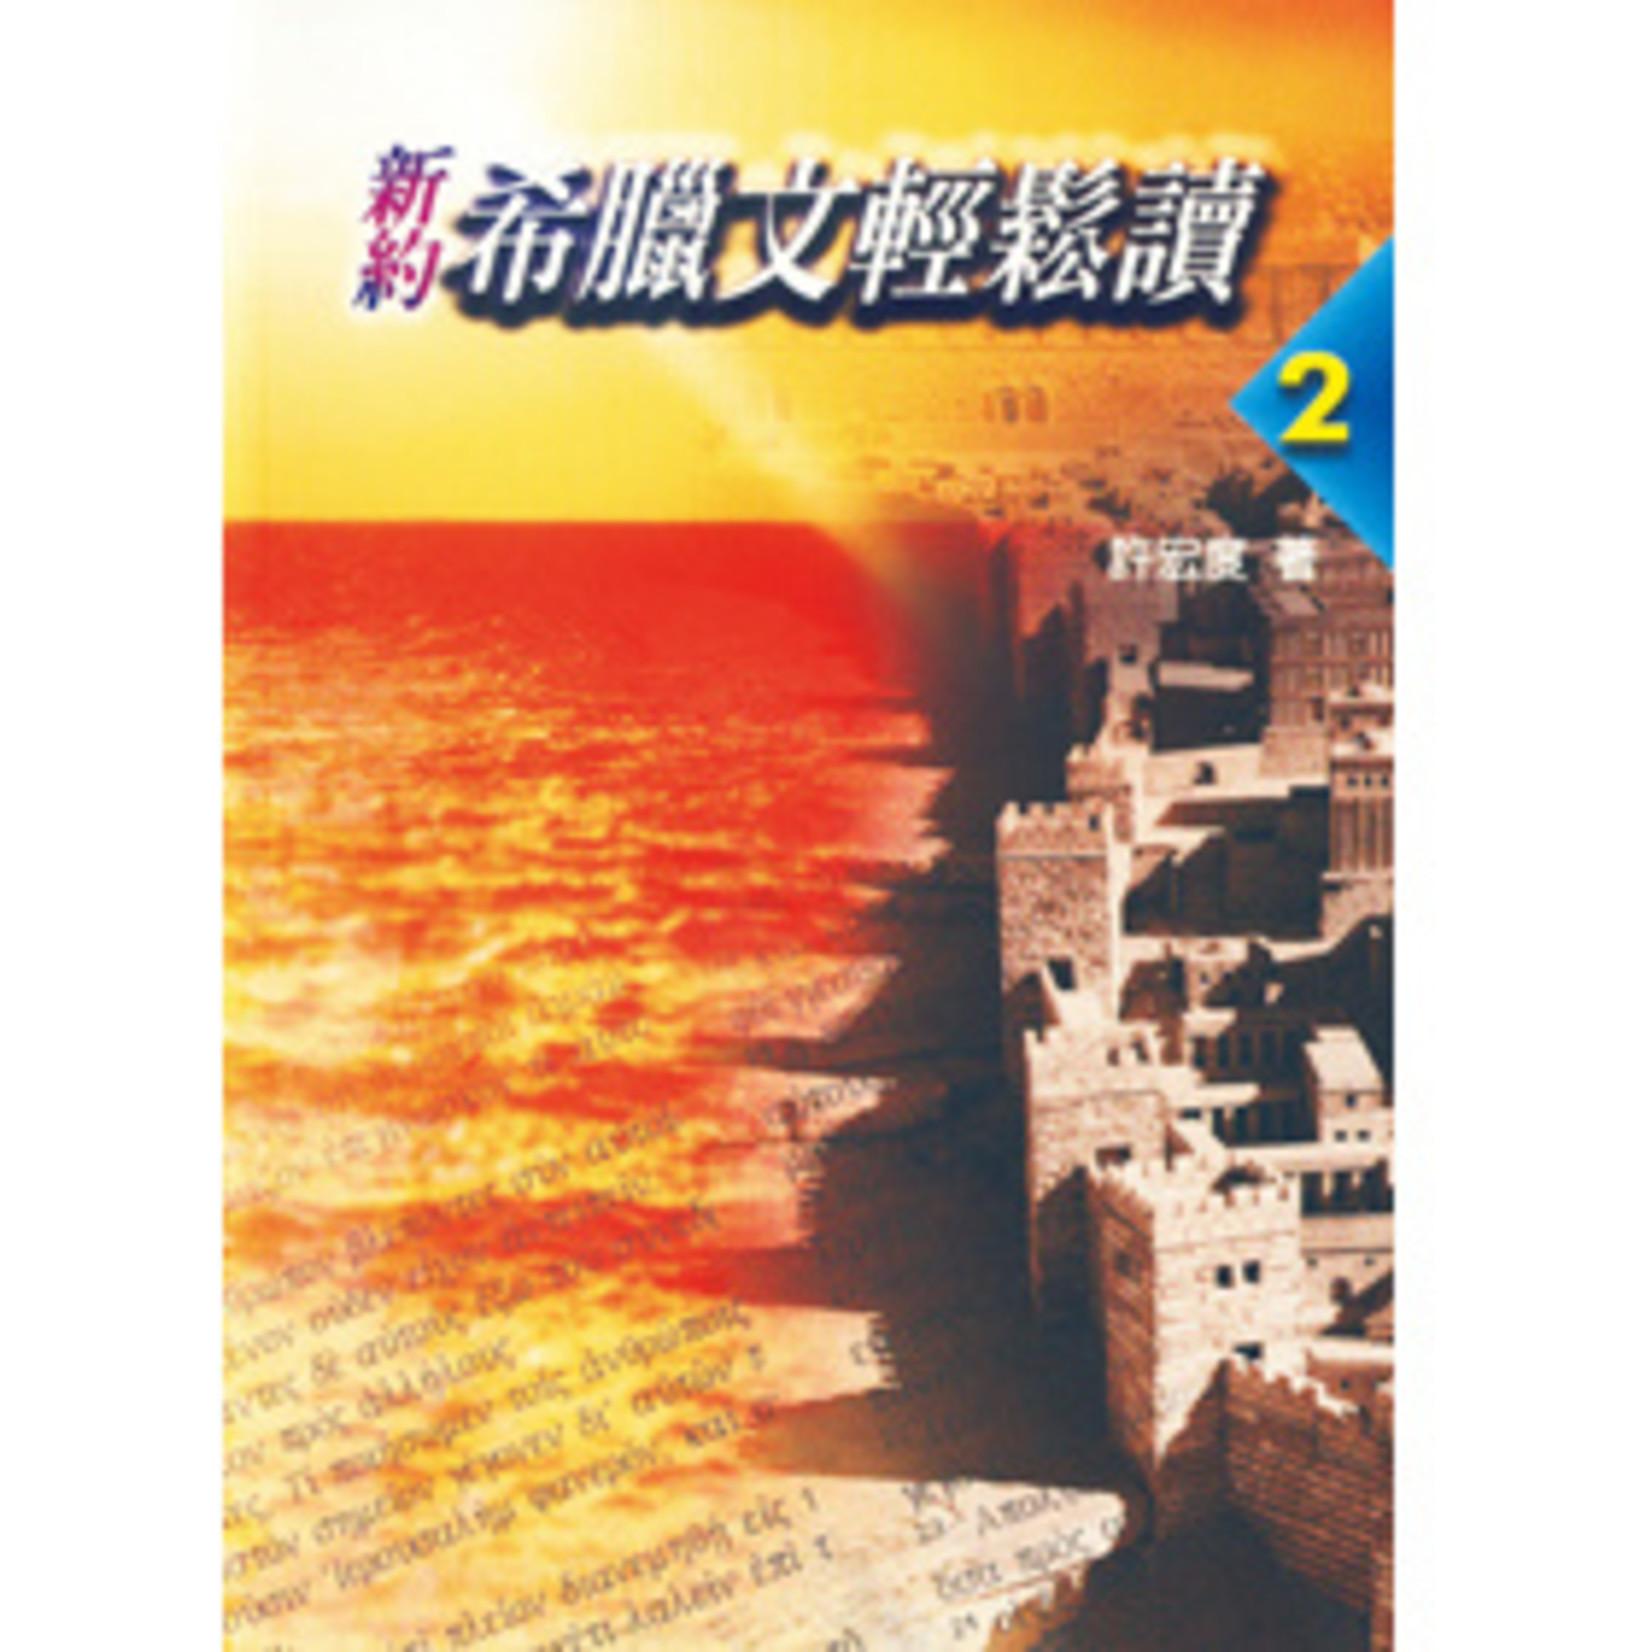 中華福音神學院 China Evangelical Seminary 新約希臘文輕鬆讀2  The Greek New Testament 2